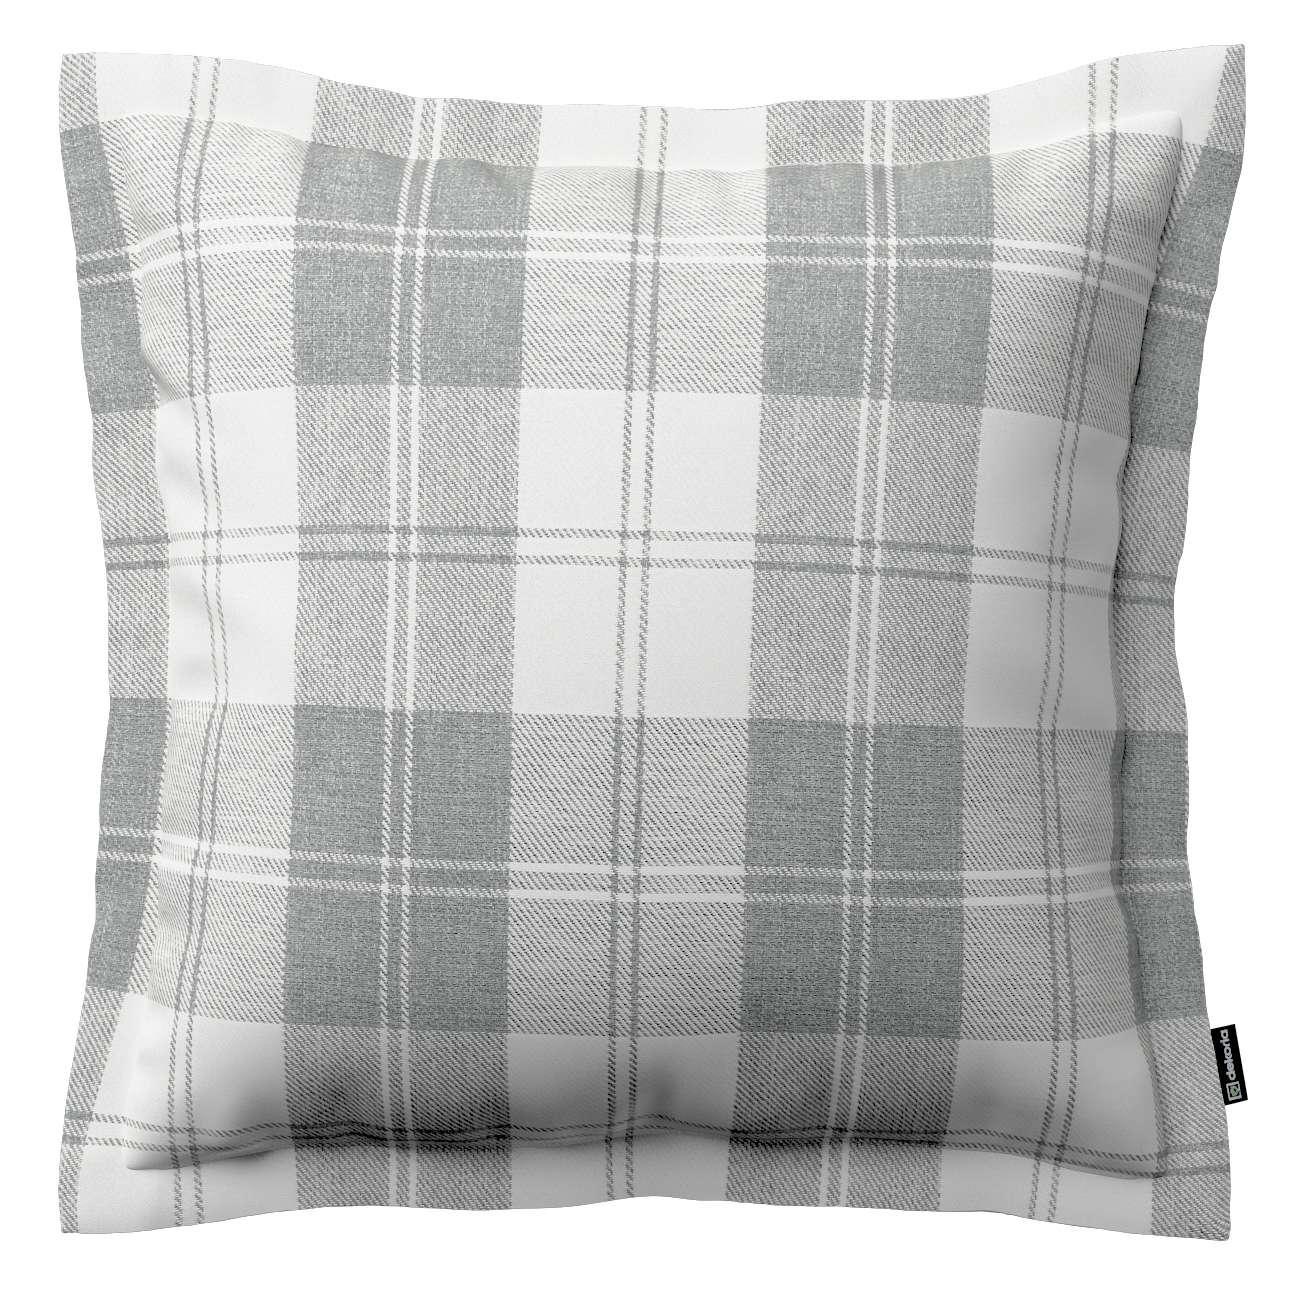 Poszewka Mona na poduszkę 45x45 cm w kolekcji Edinburgh, tkanina: 115-79